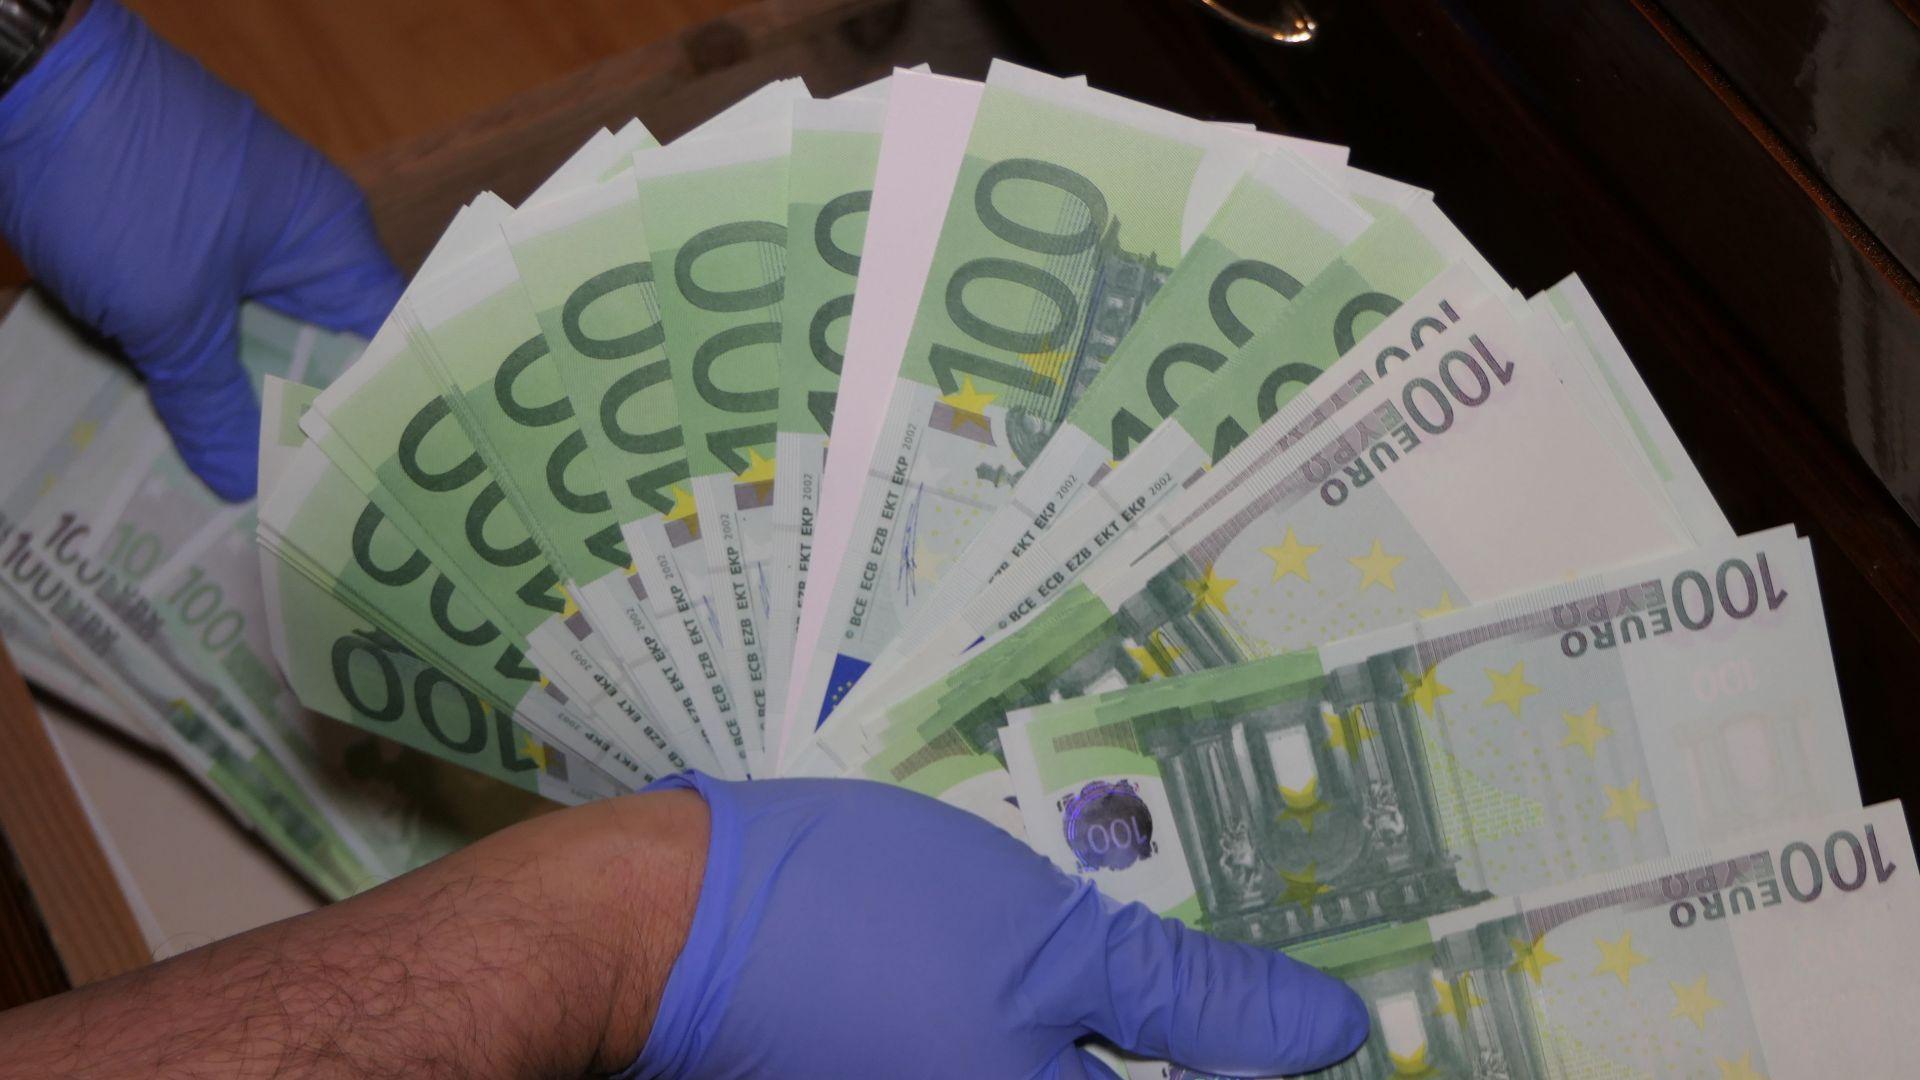 Разбиха най-голямата печатница за фалшиви пари, докато подготвя милиони (снимки)